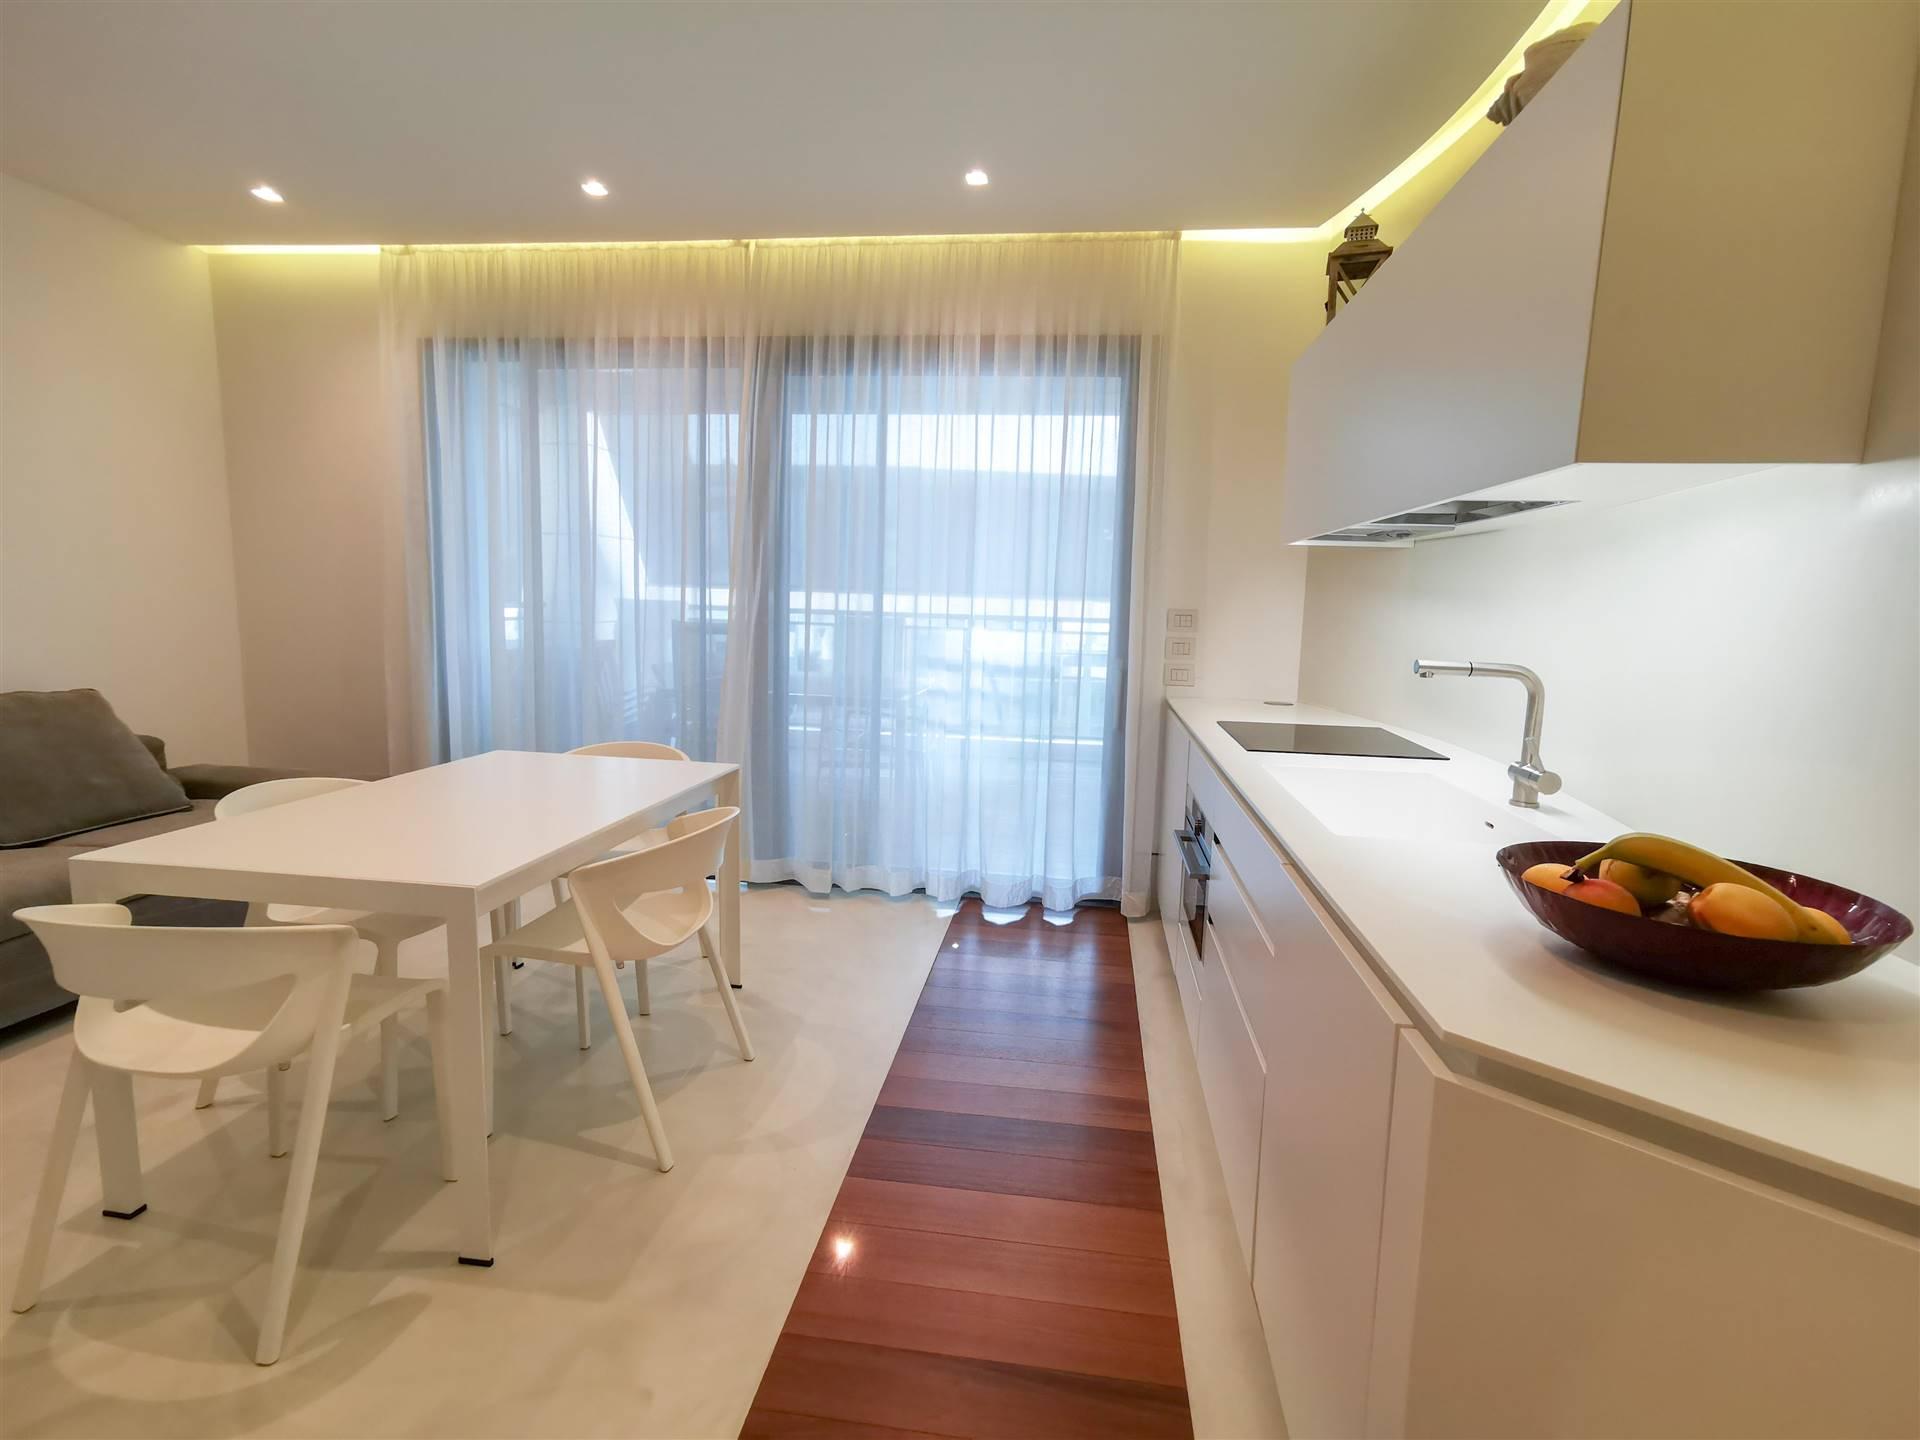 JESOLO Appartamento con due camere signorile con domotica Foto 2